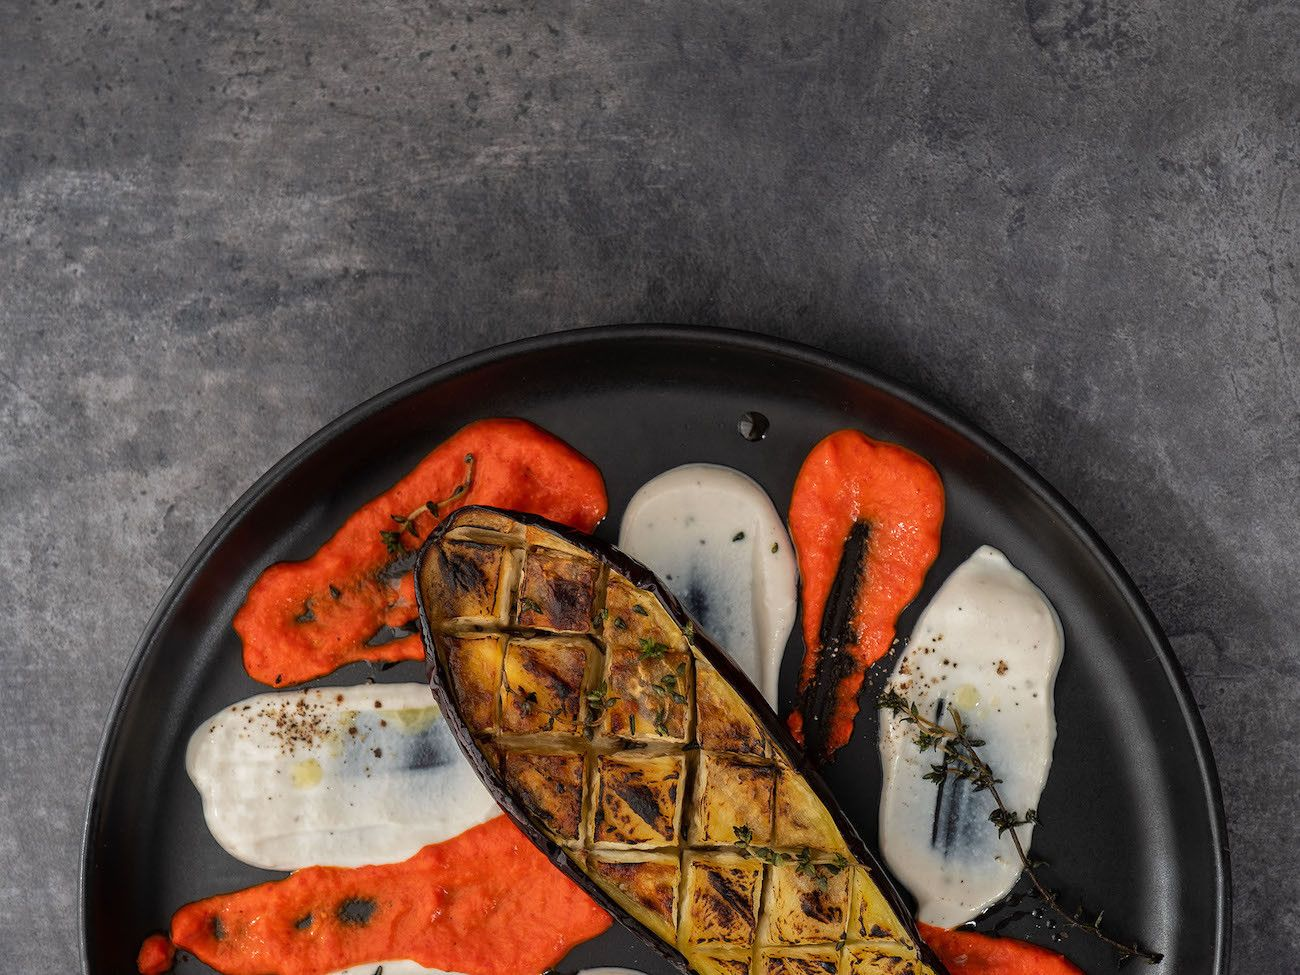 Foodblog About Fuel, Rezept Gegrillte Aubergine mit Joghurt-Tahin Soße und Paprika Dip, Vorspeise, Teller, Pfeffer